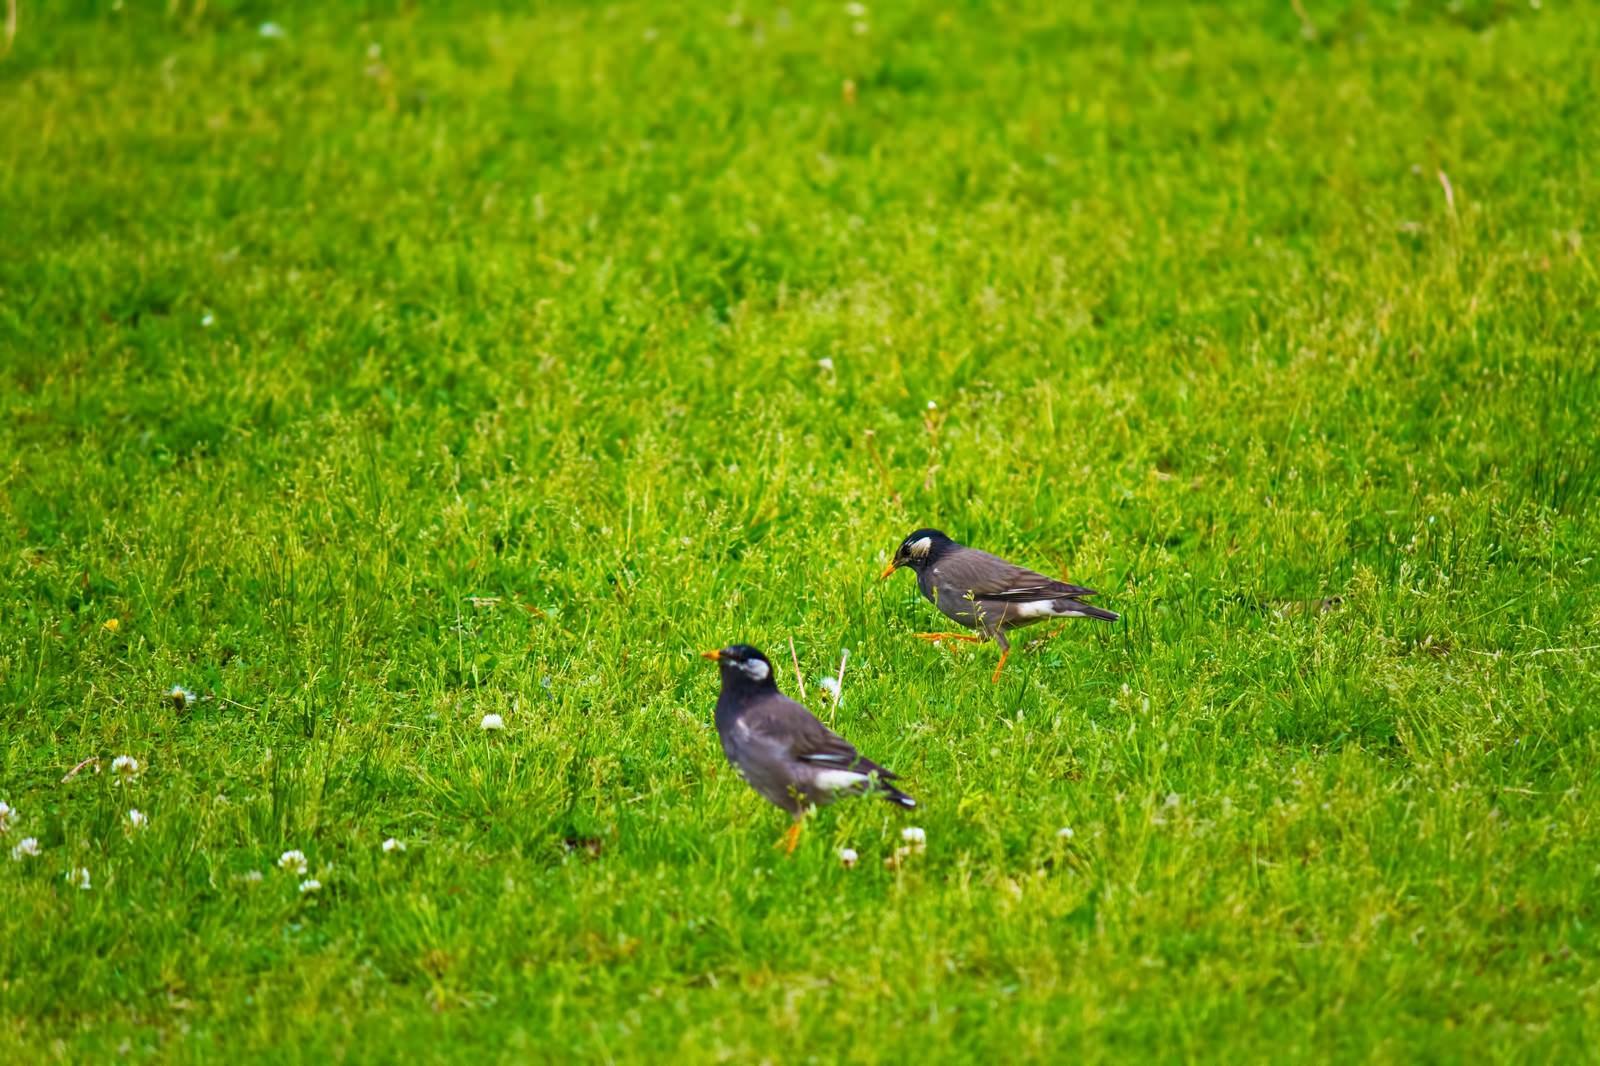 「小さな鳥のつがい小さな鳥のつがい」のフリー写真素材